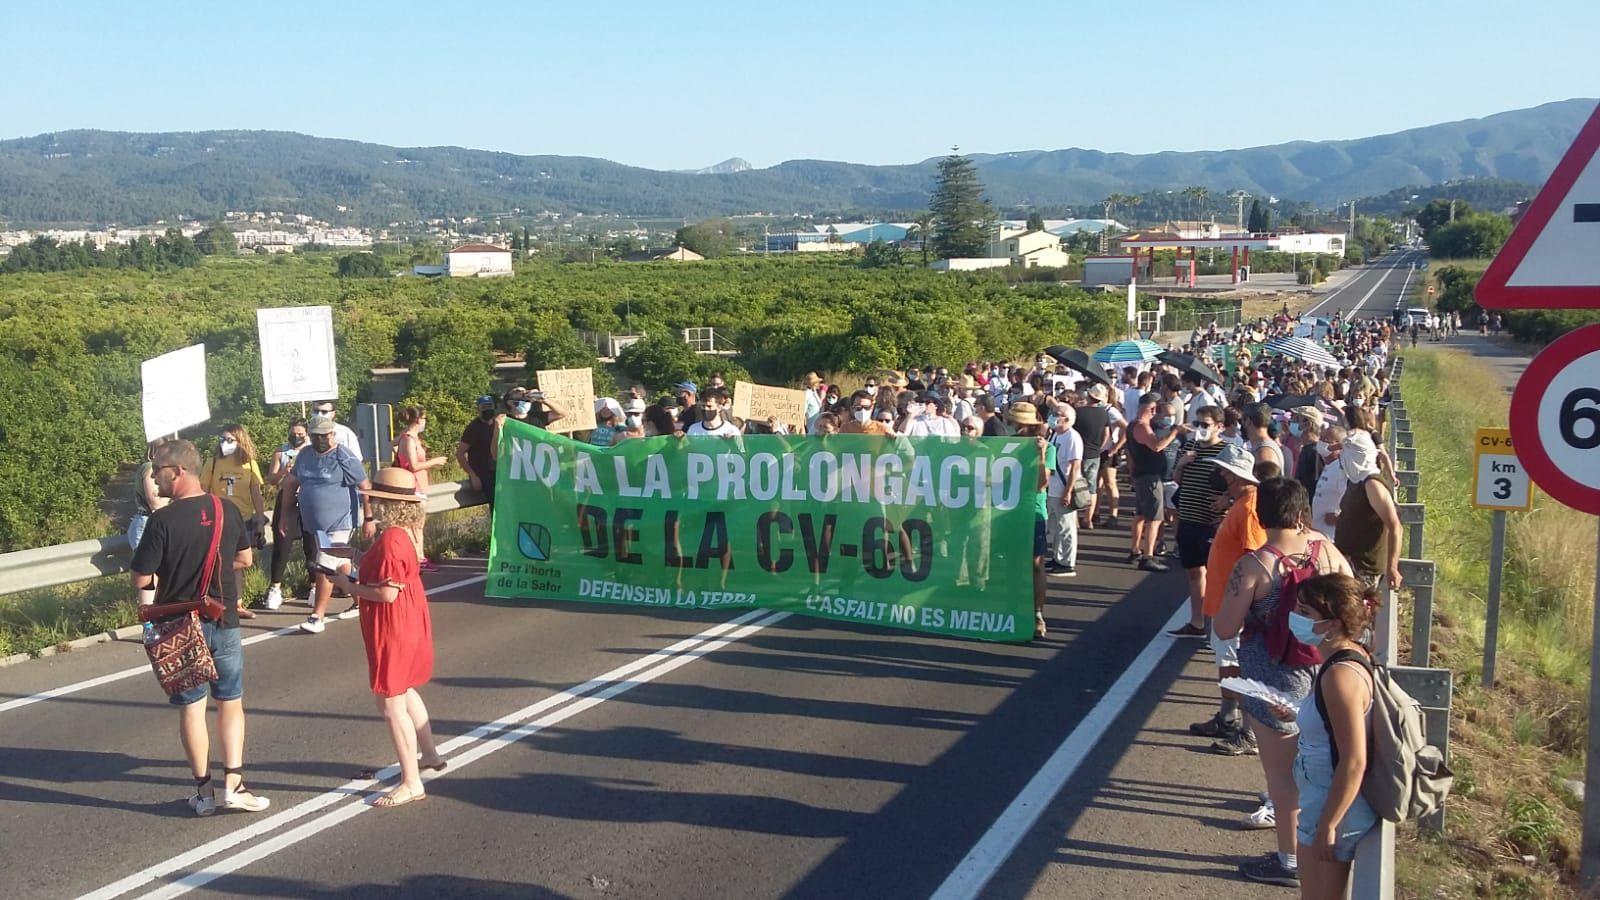 Manifestación contra la prolongación de la CV60 en la Safor